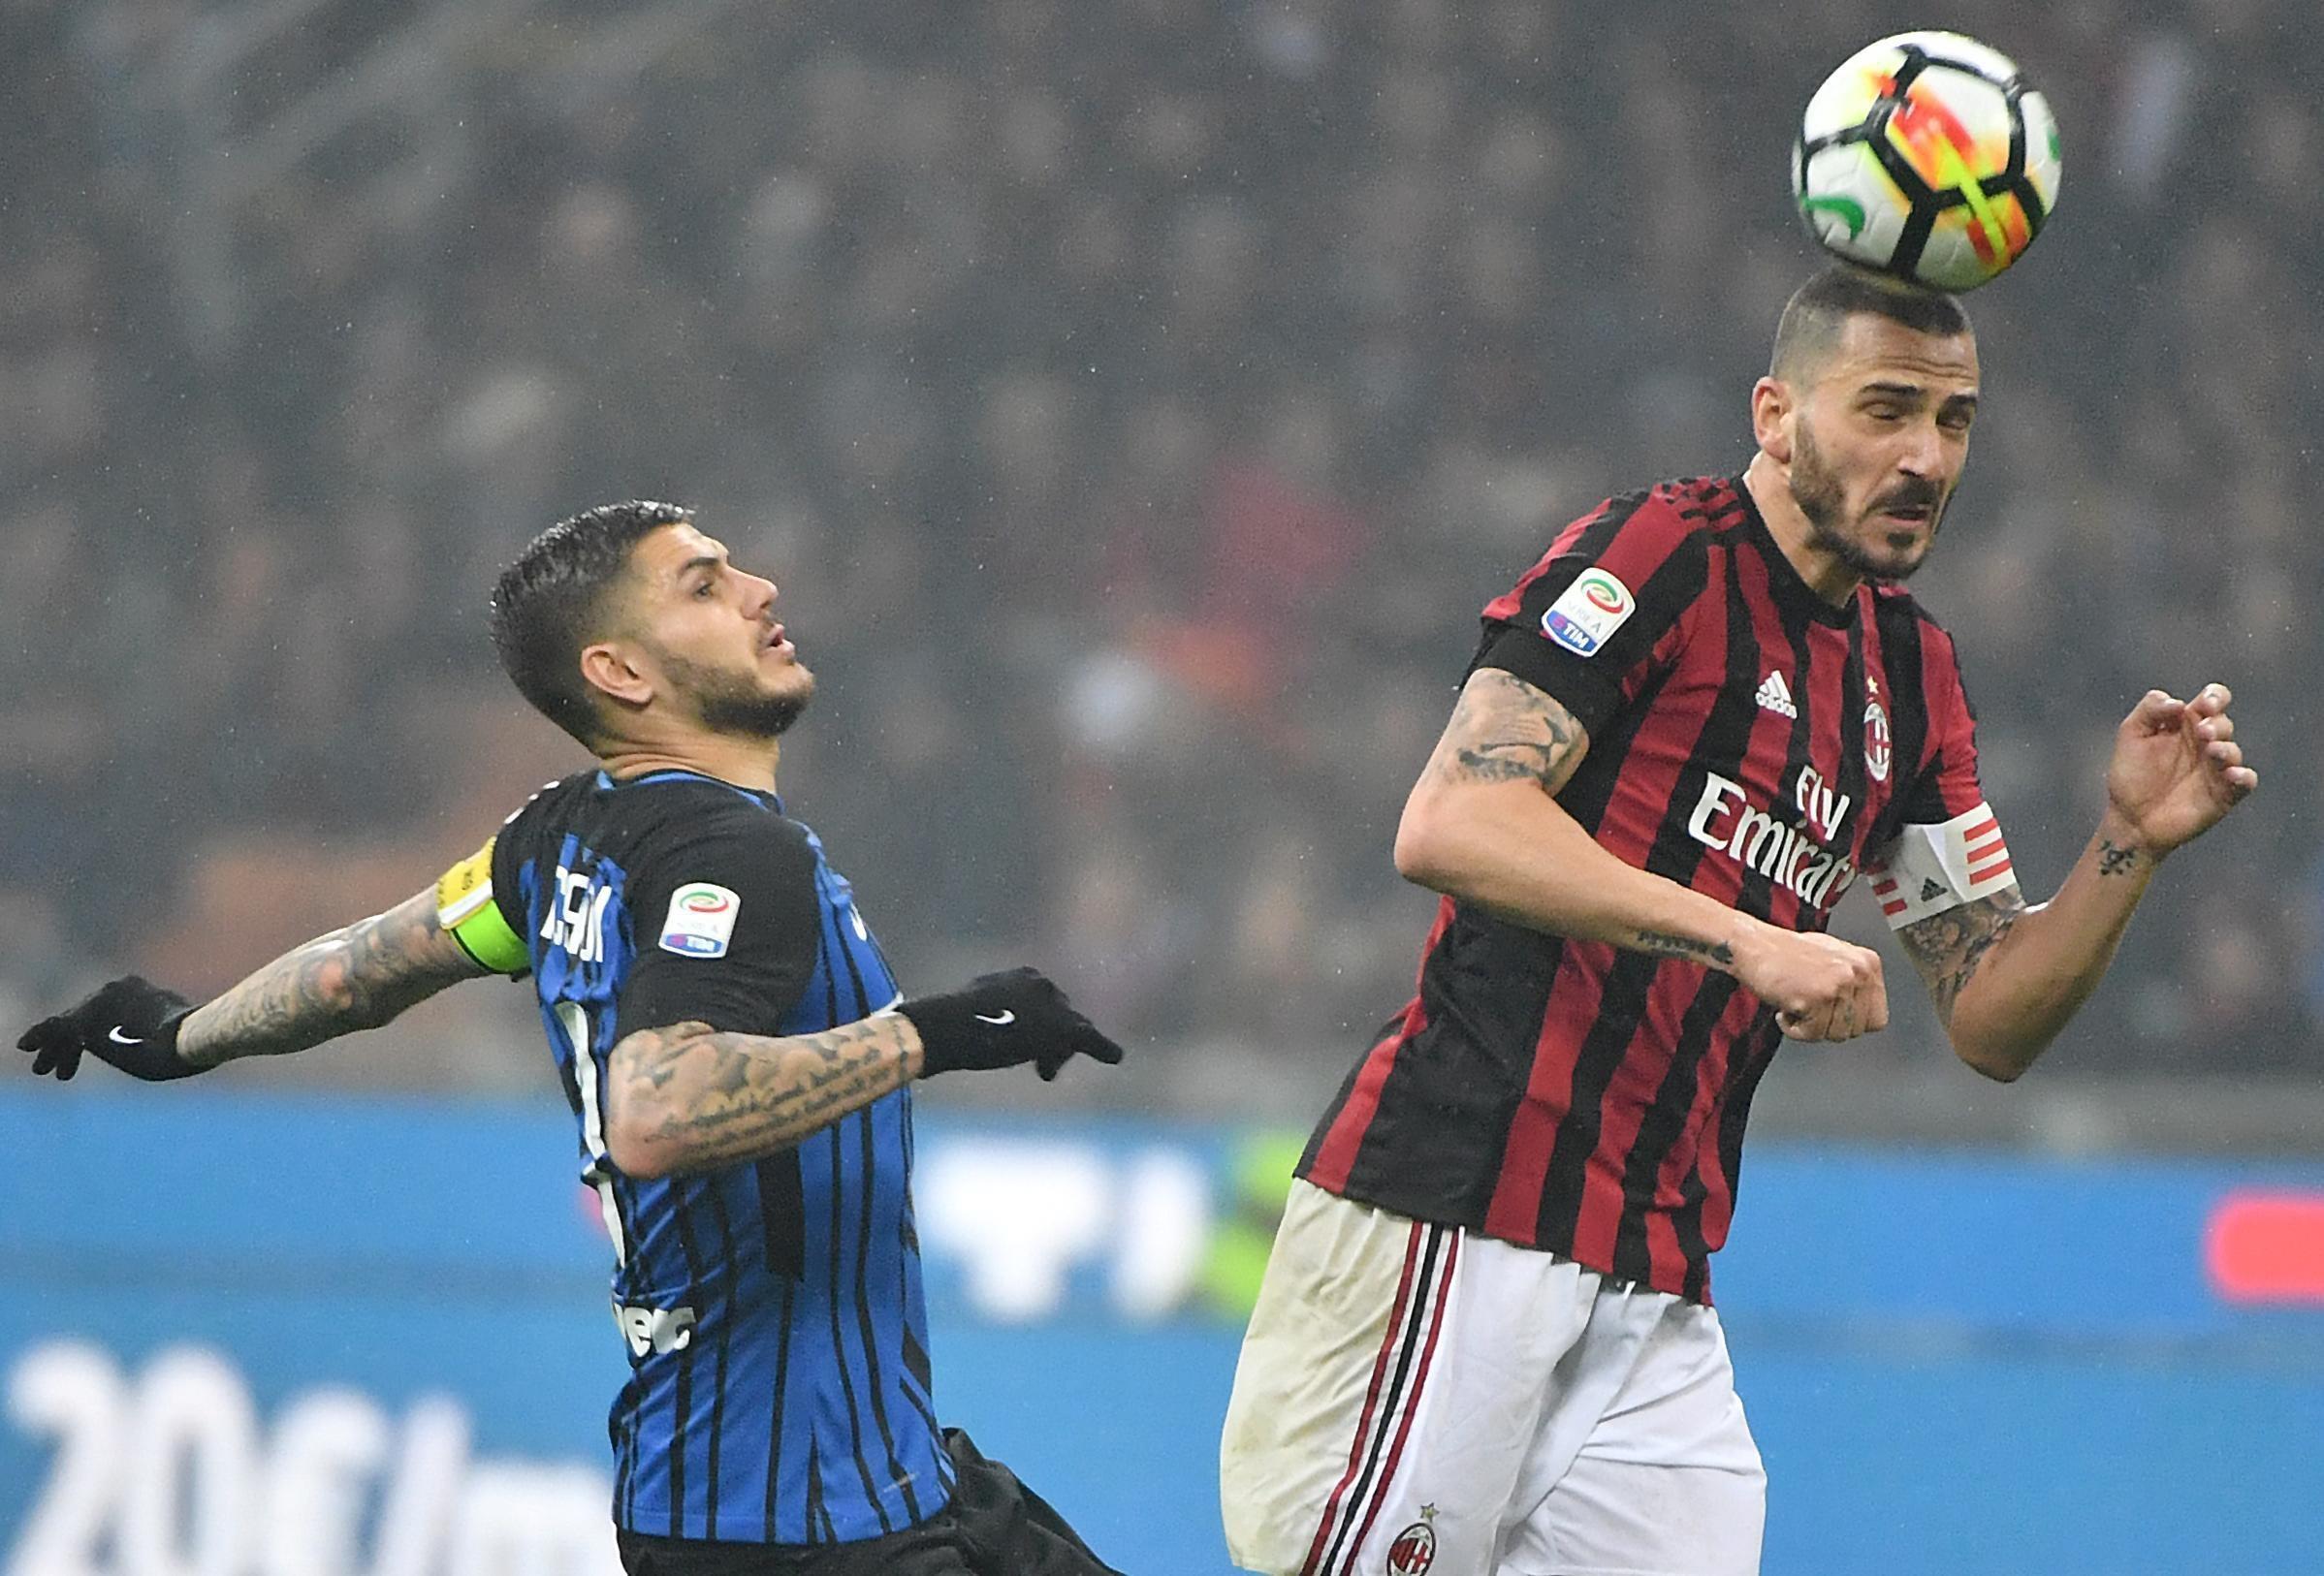 Milan acerta renovação contratual com Gattuso, diz jornal